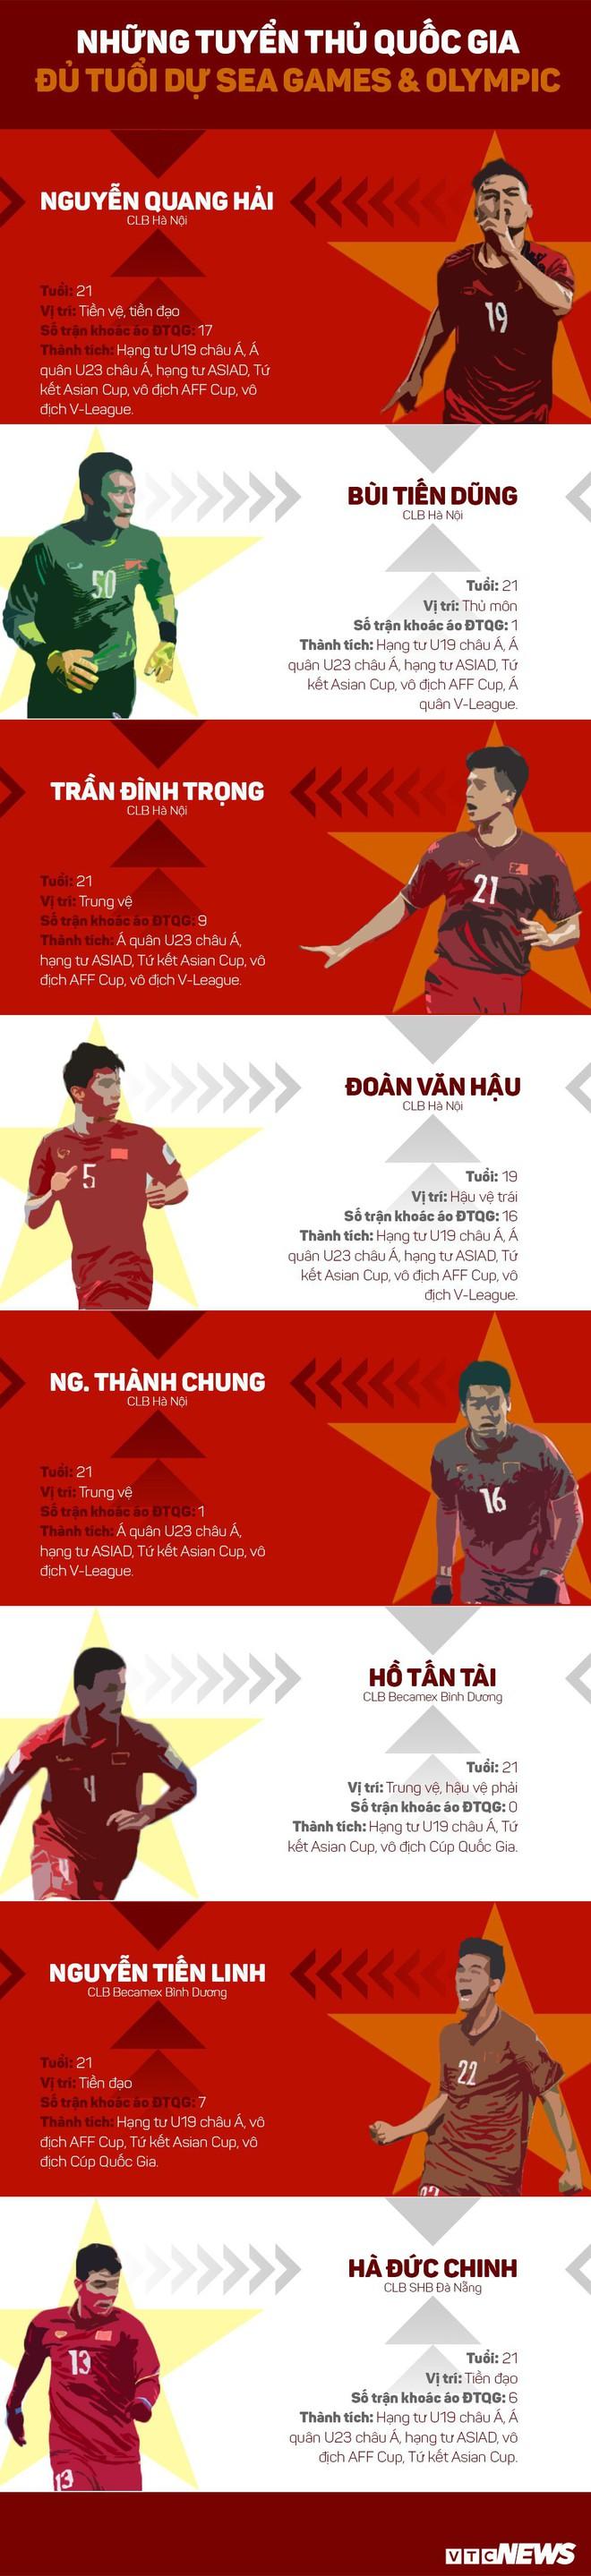 Mất lứa Công Phượng, U22 Việt Nam còn ai đủ tuổi dự SEA Games 2019? - Ảnh 1.